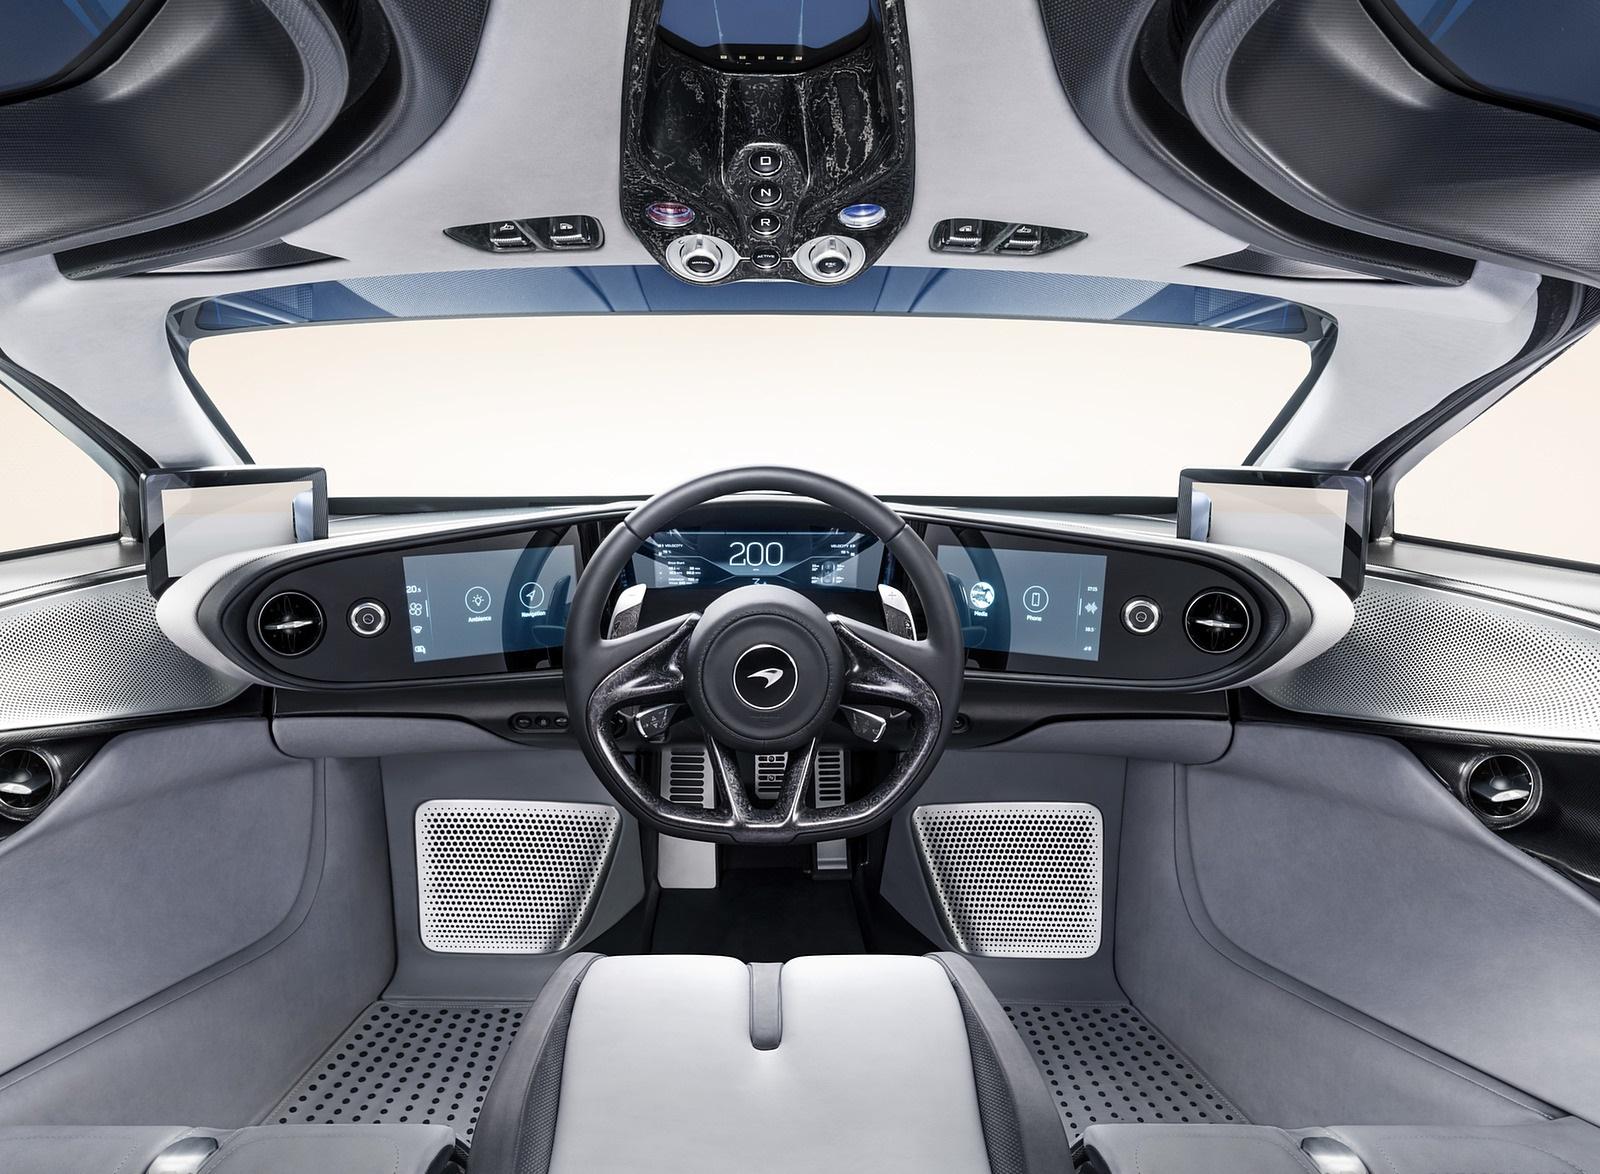 2019 McLaren Speedtail Interior Cockpit Wallpapers #30 of 39